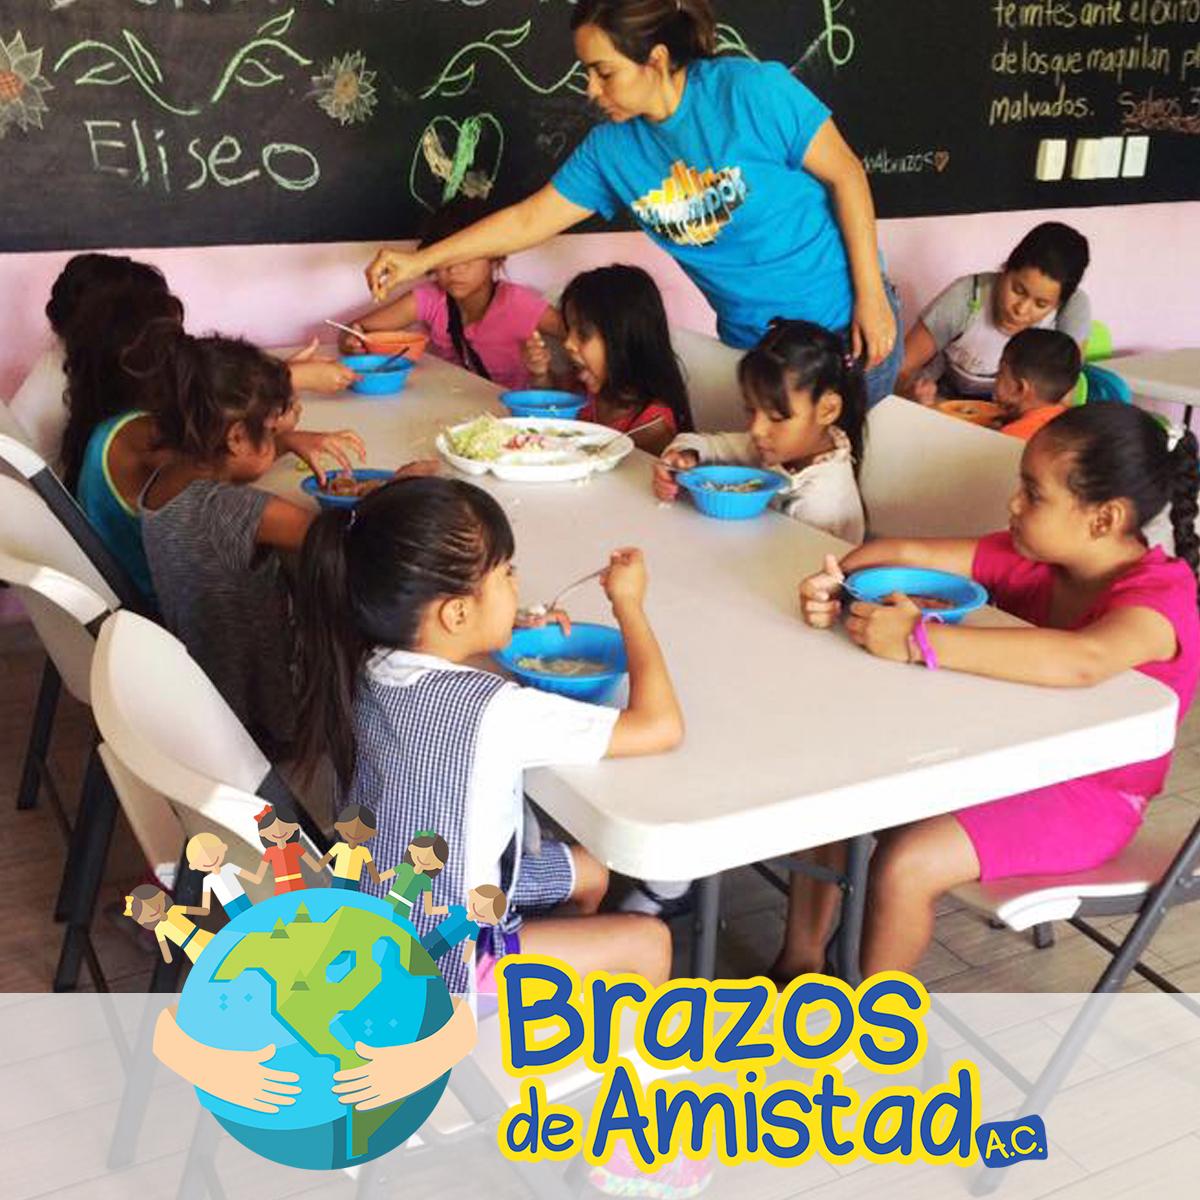 Brazos de Amistad, Guadalajara